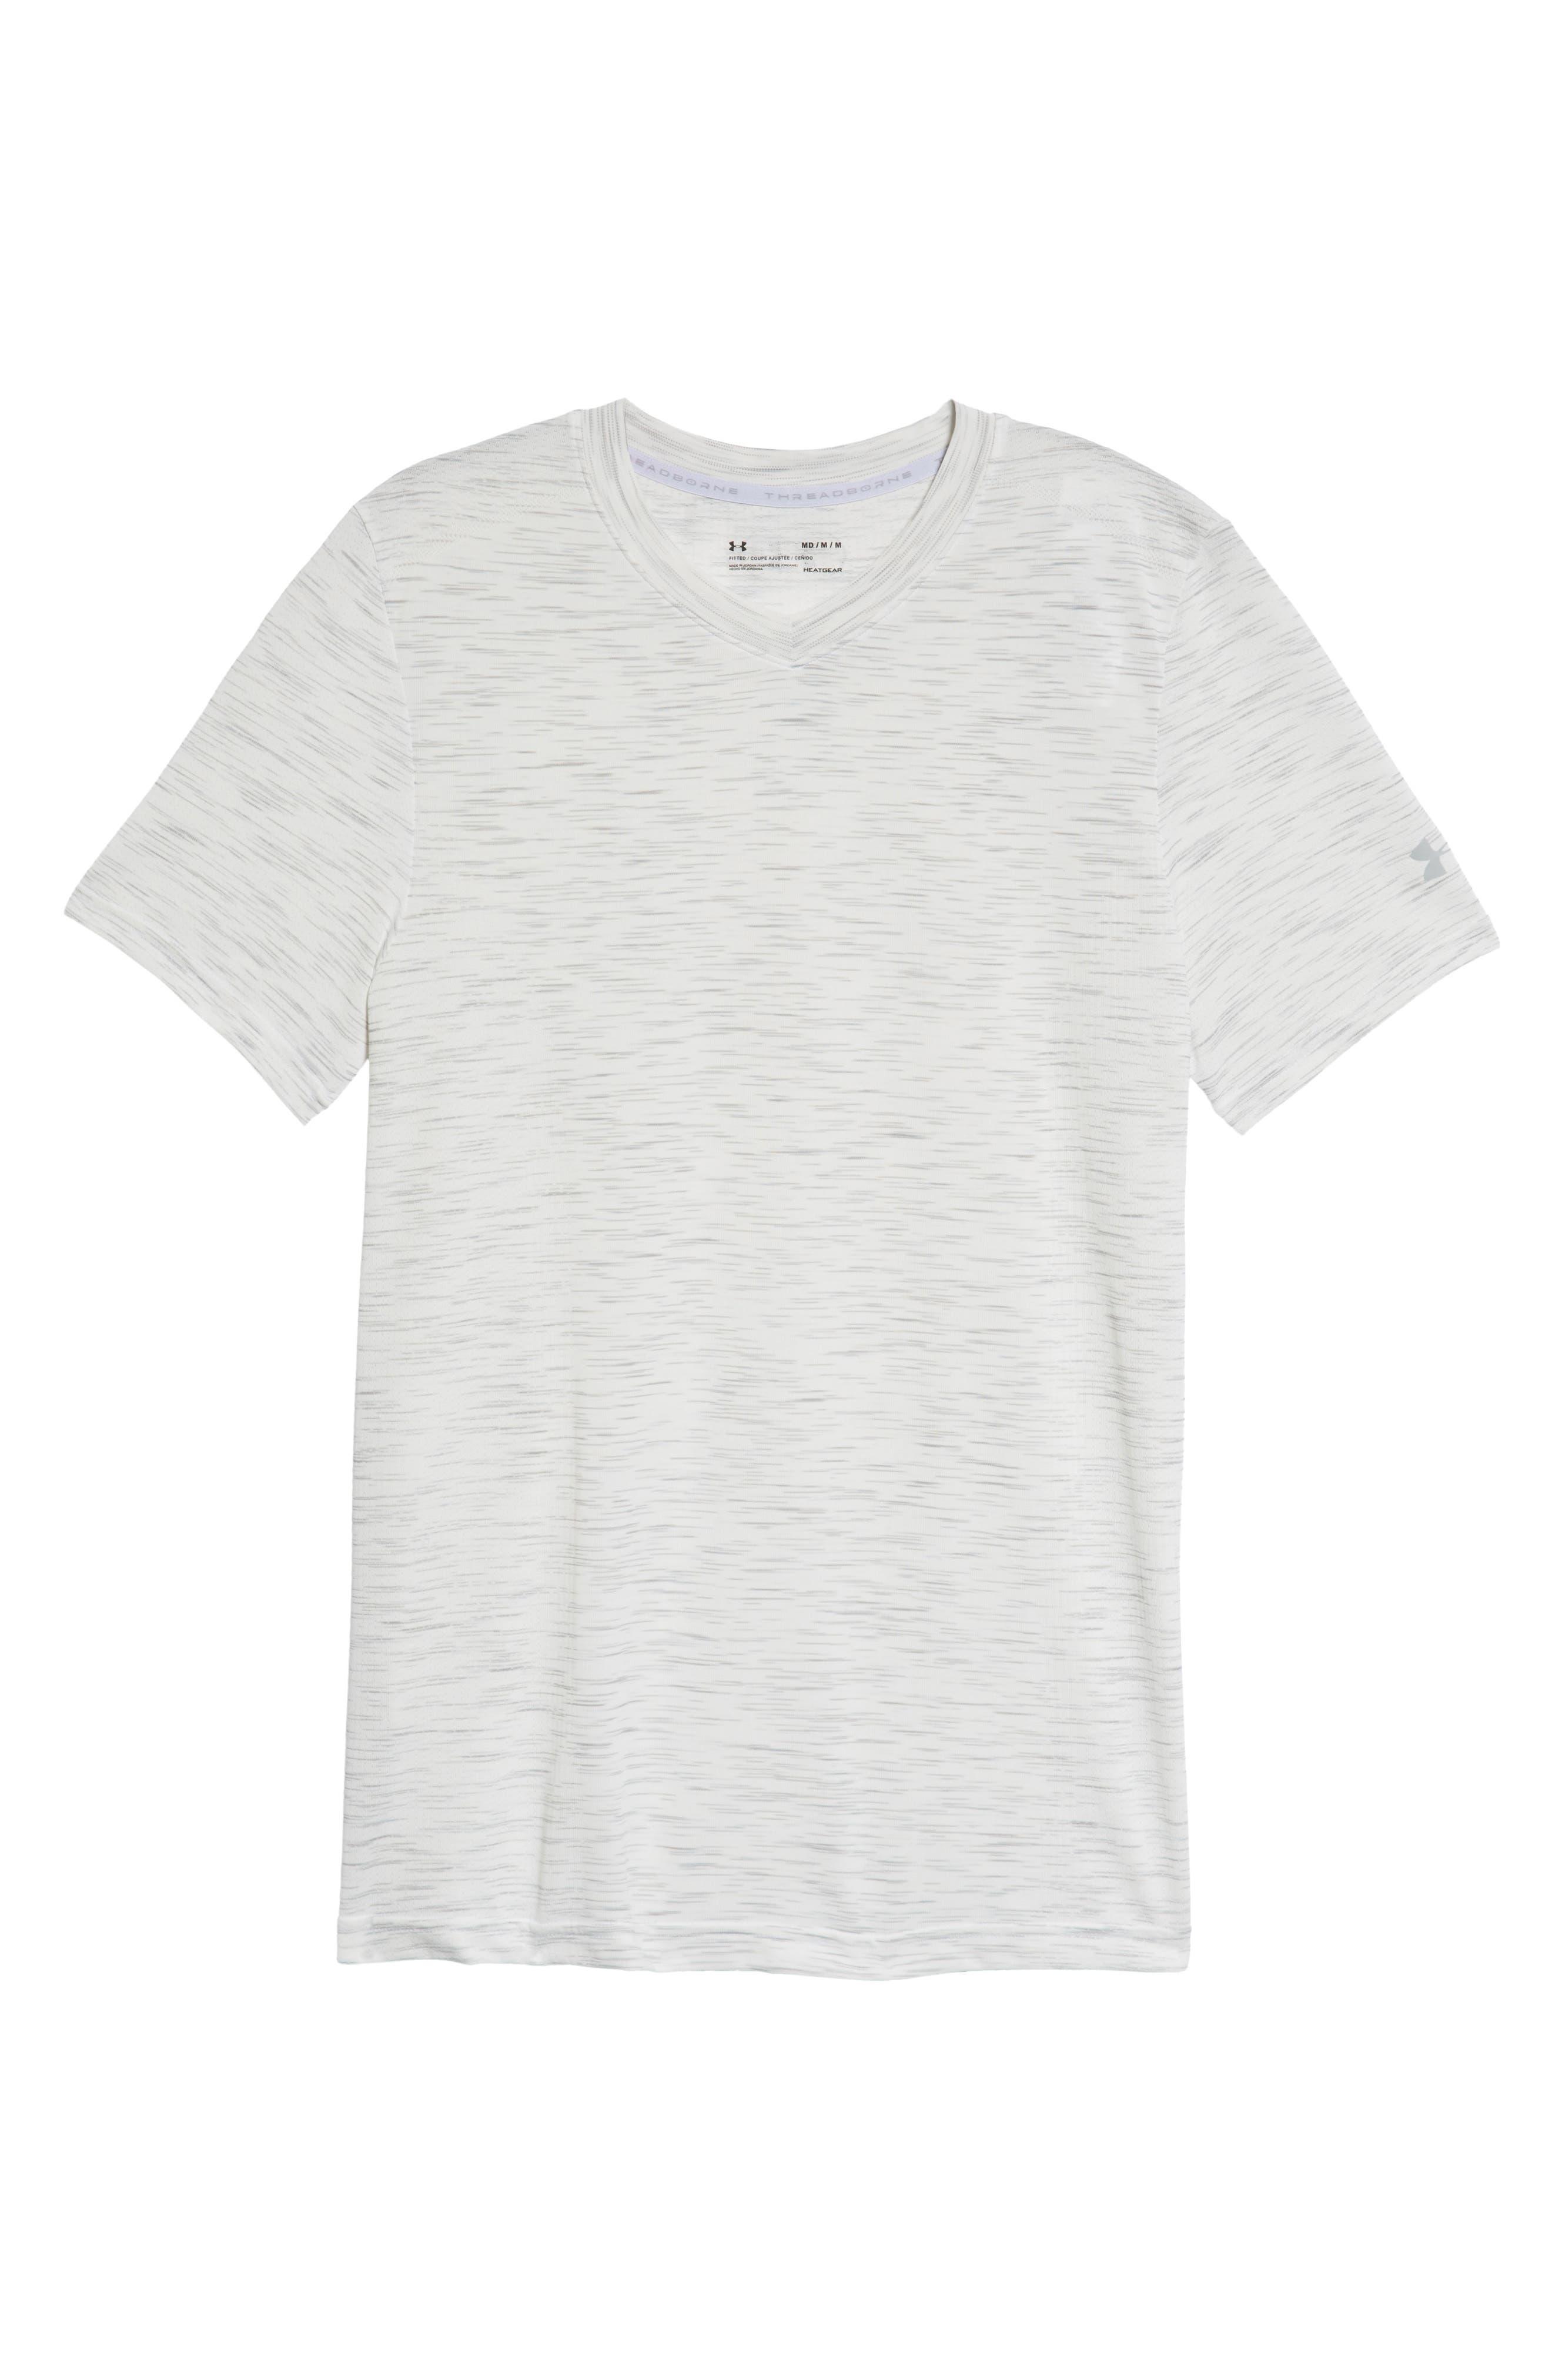 Regular Fit Threadborne T-Shirt,                             Alternate thumbnail 6, color,                             White